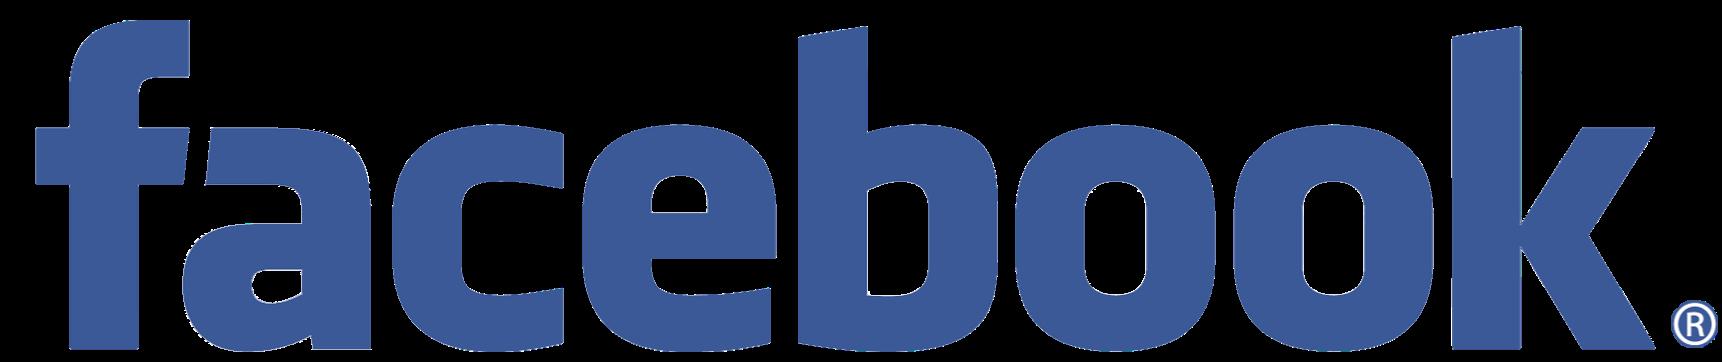 Facebook CMO